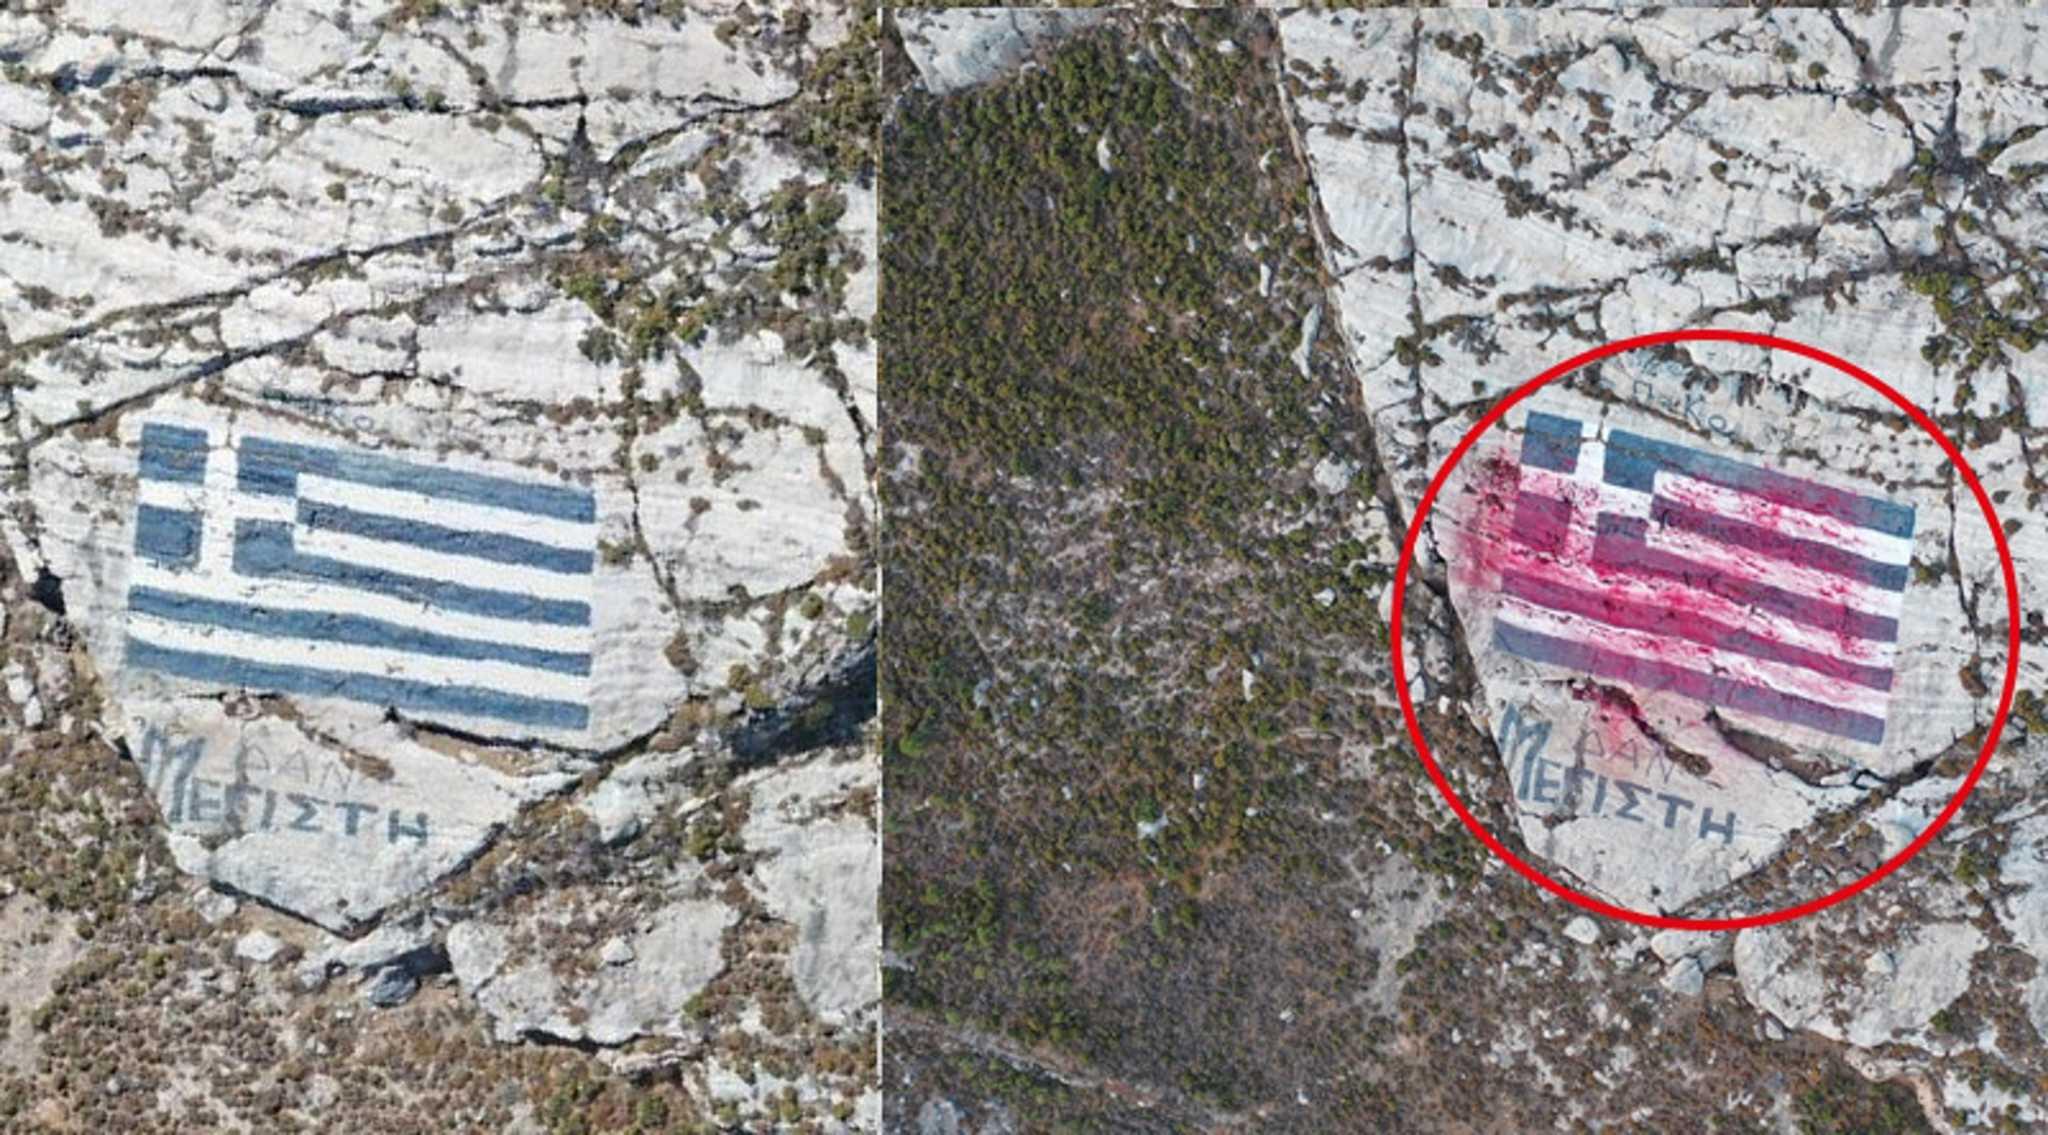 Τουρκικό drone πέταξε μπογιά σε ελληνική σημαία στο Καστελόριζο - ΒΙΝΤΕΟ